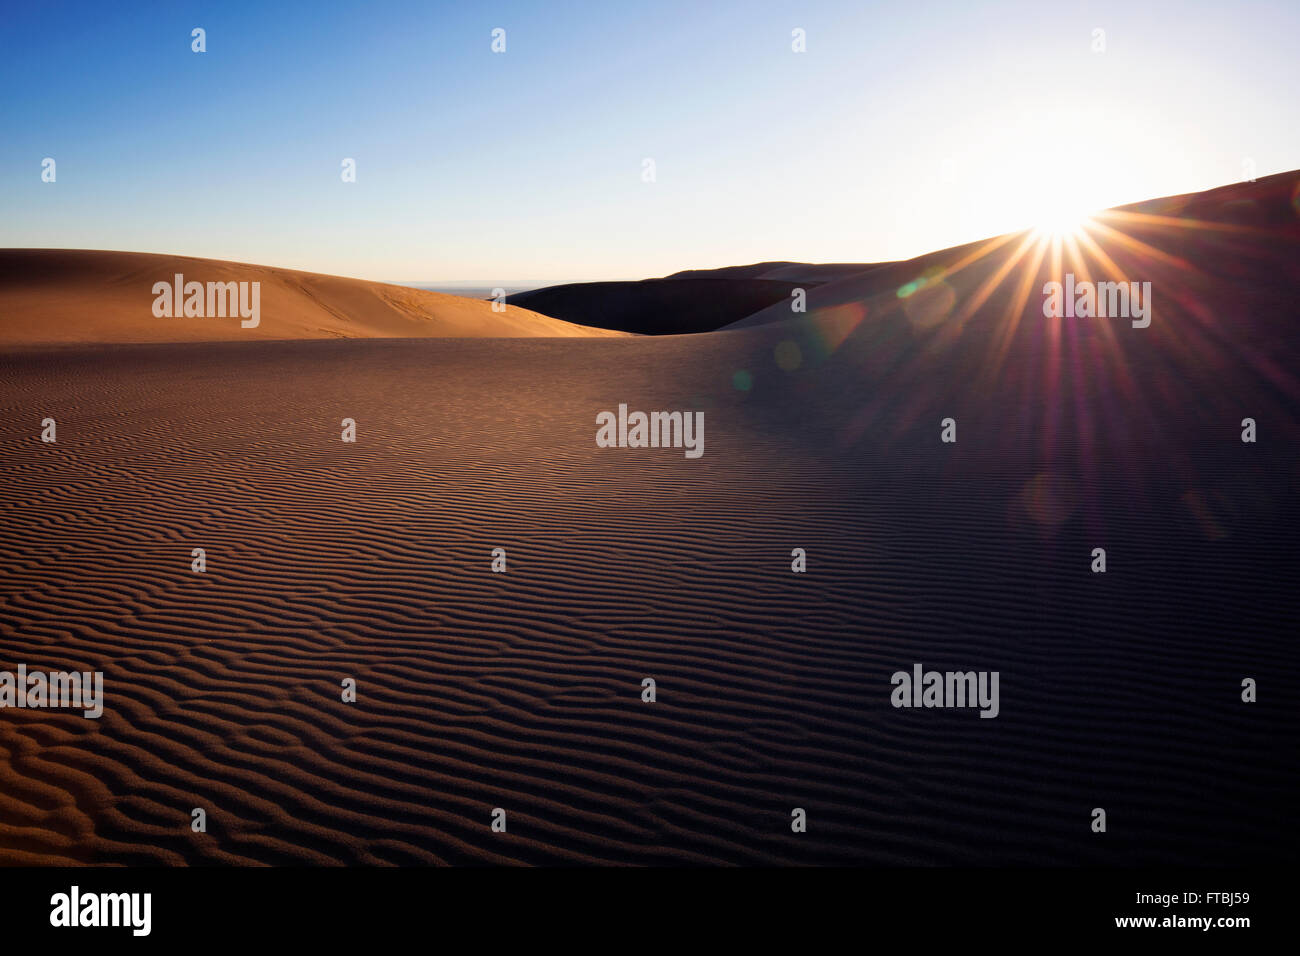 Sonnenlicht Höchststand über Sanddüne in abgelegenen Wüste.  Great Sand Dunes National Park, Stockbild